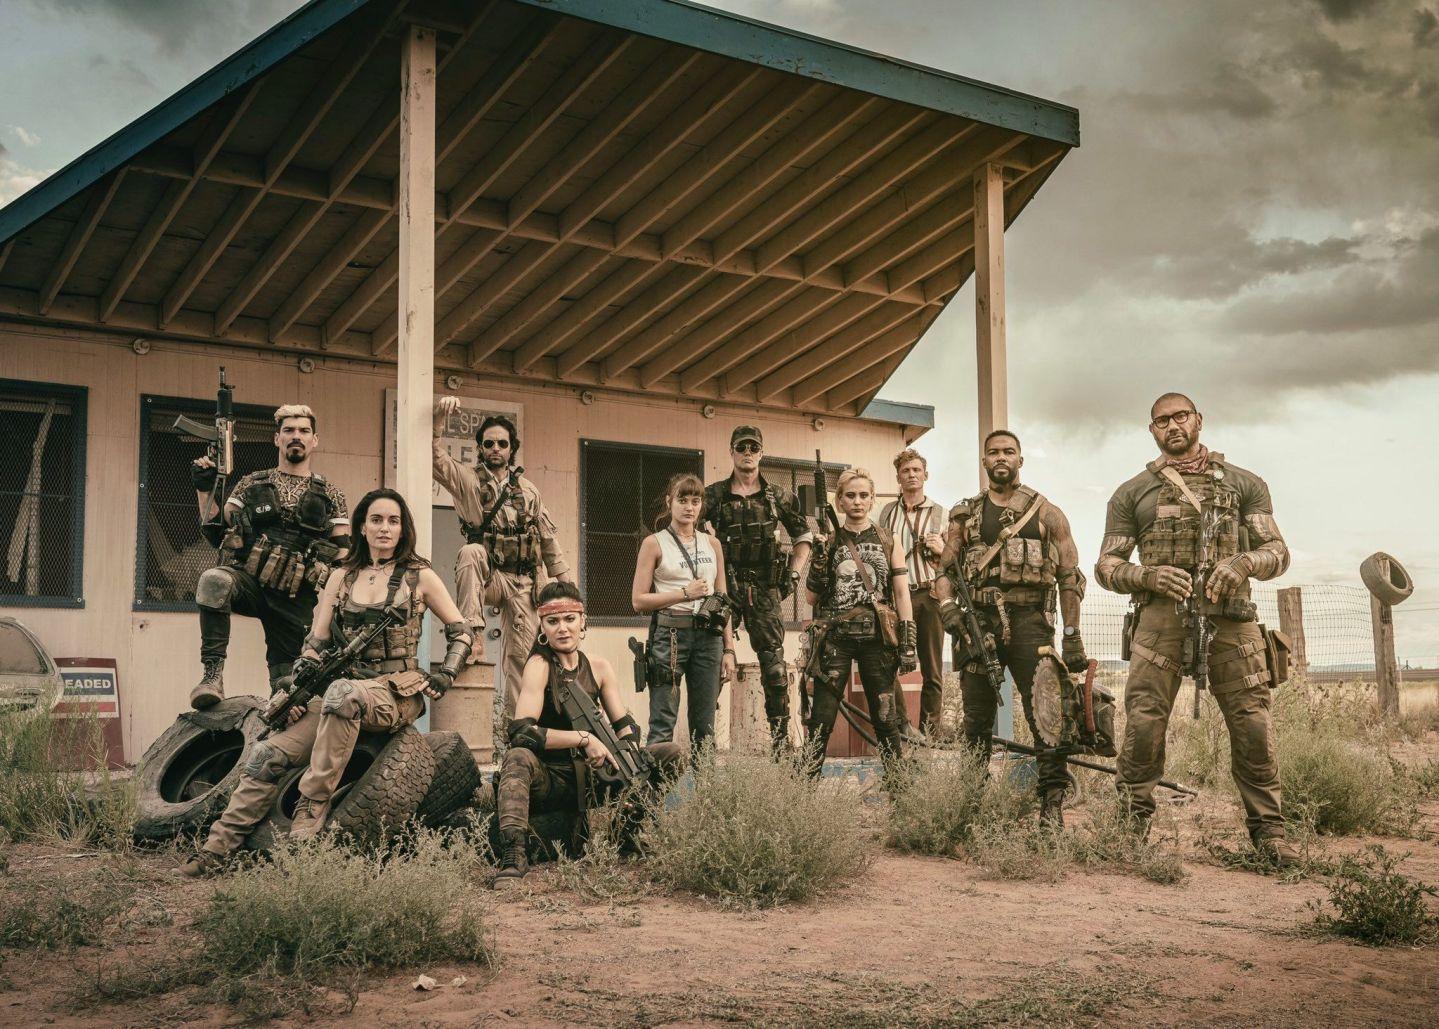 查克·史奈德電影《活屍大軍/不死喪軍》公佈正式前導預告,5月21日Netflix上線